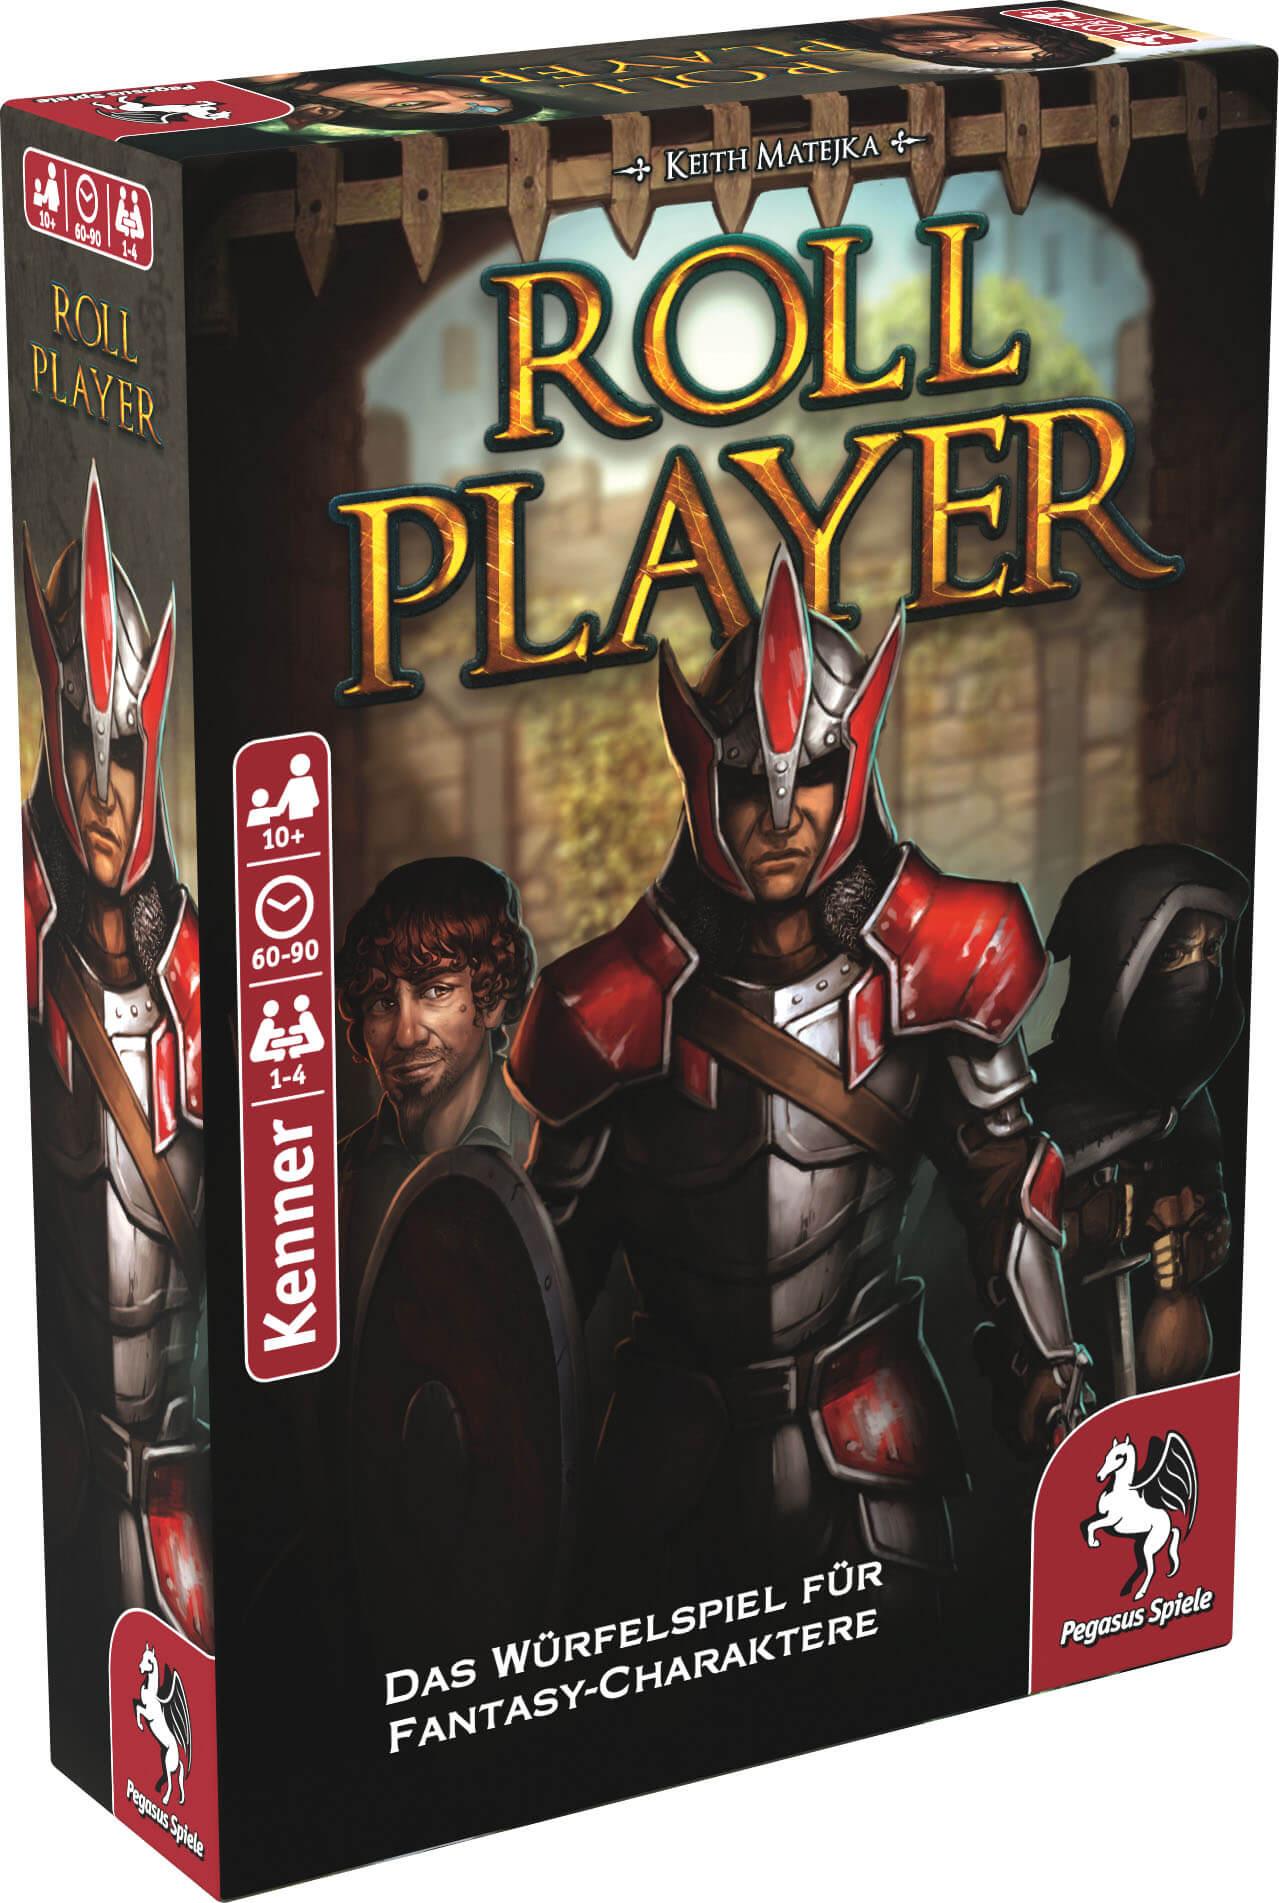 Schachtel Vorderseite, linke Seite- Roll Player